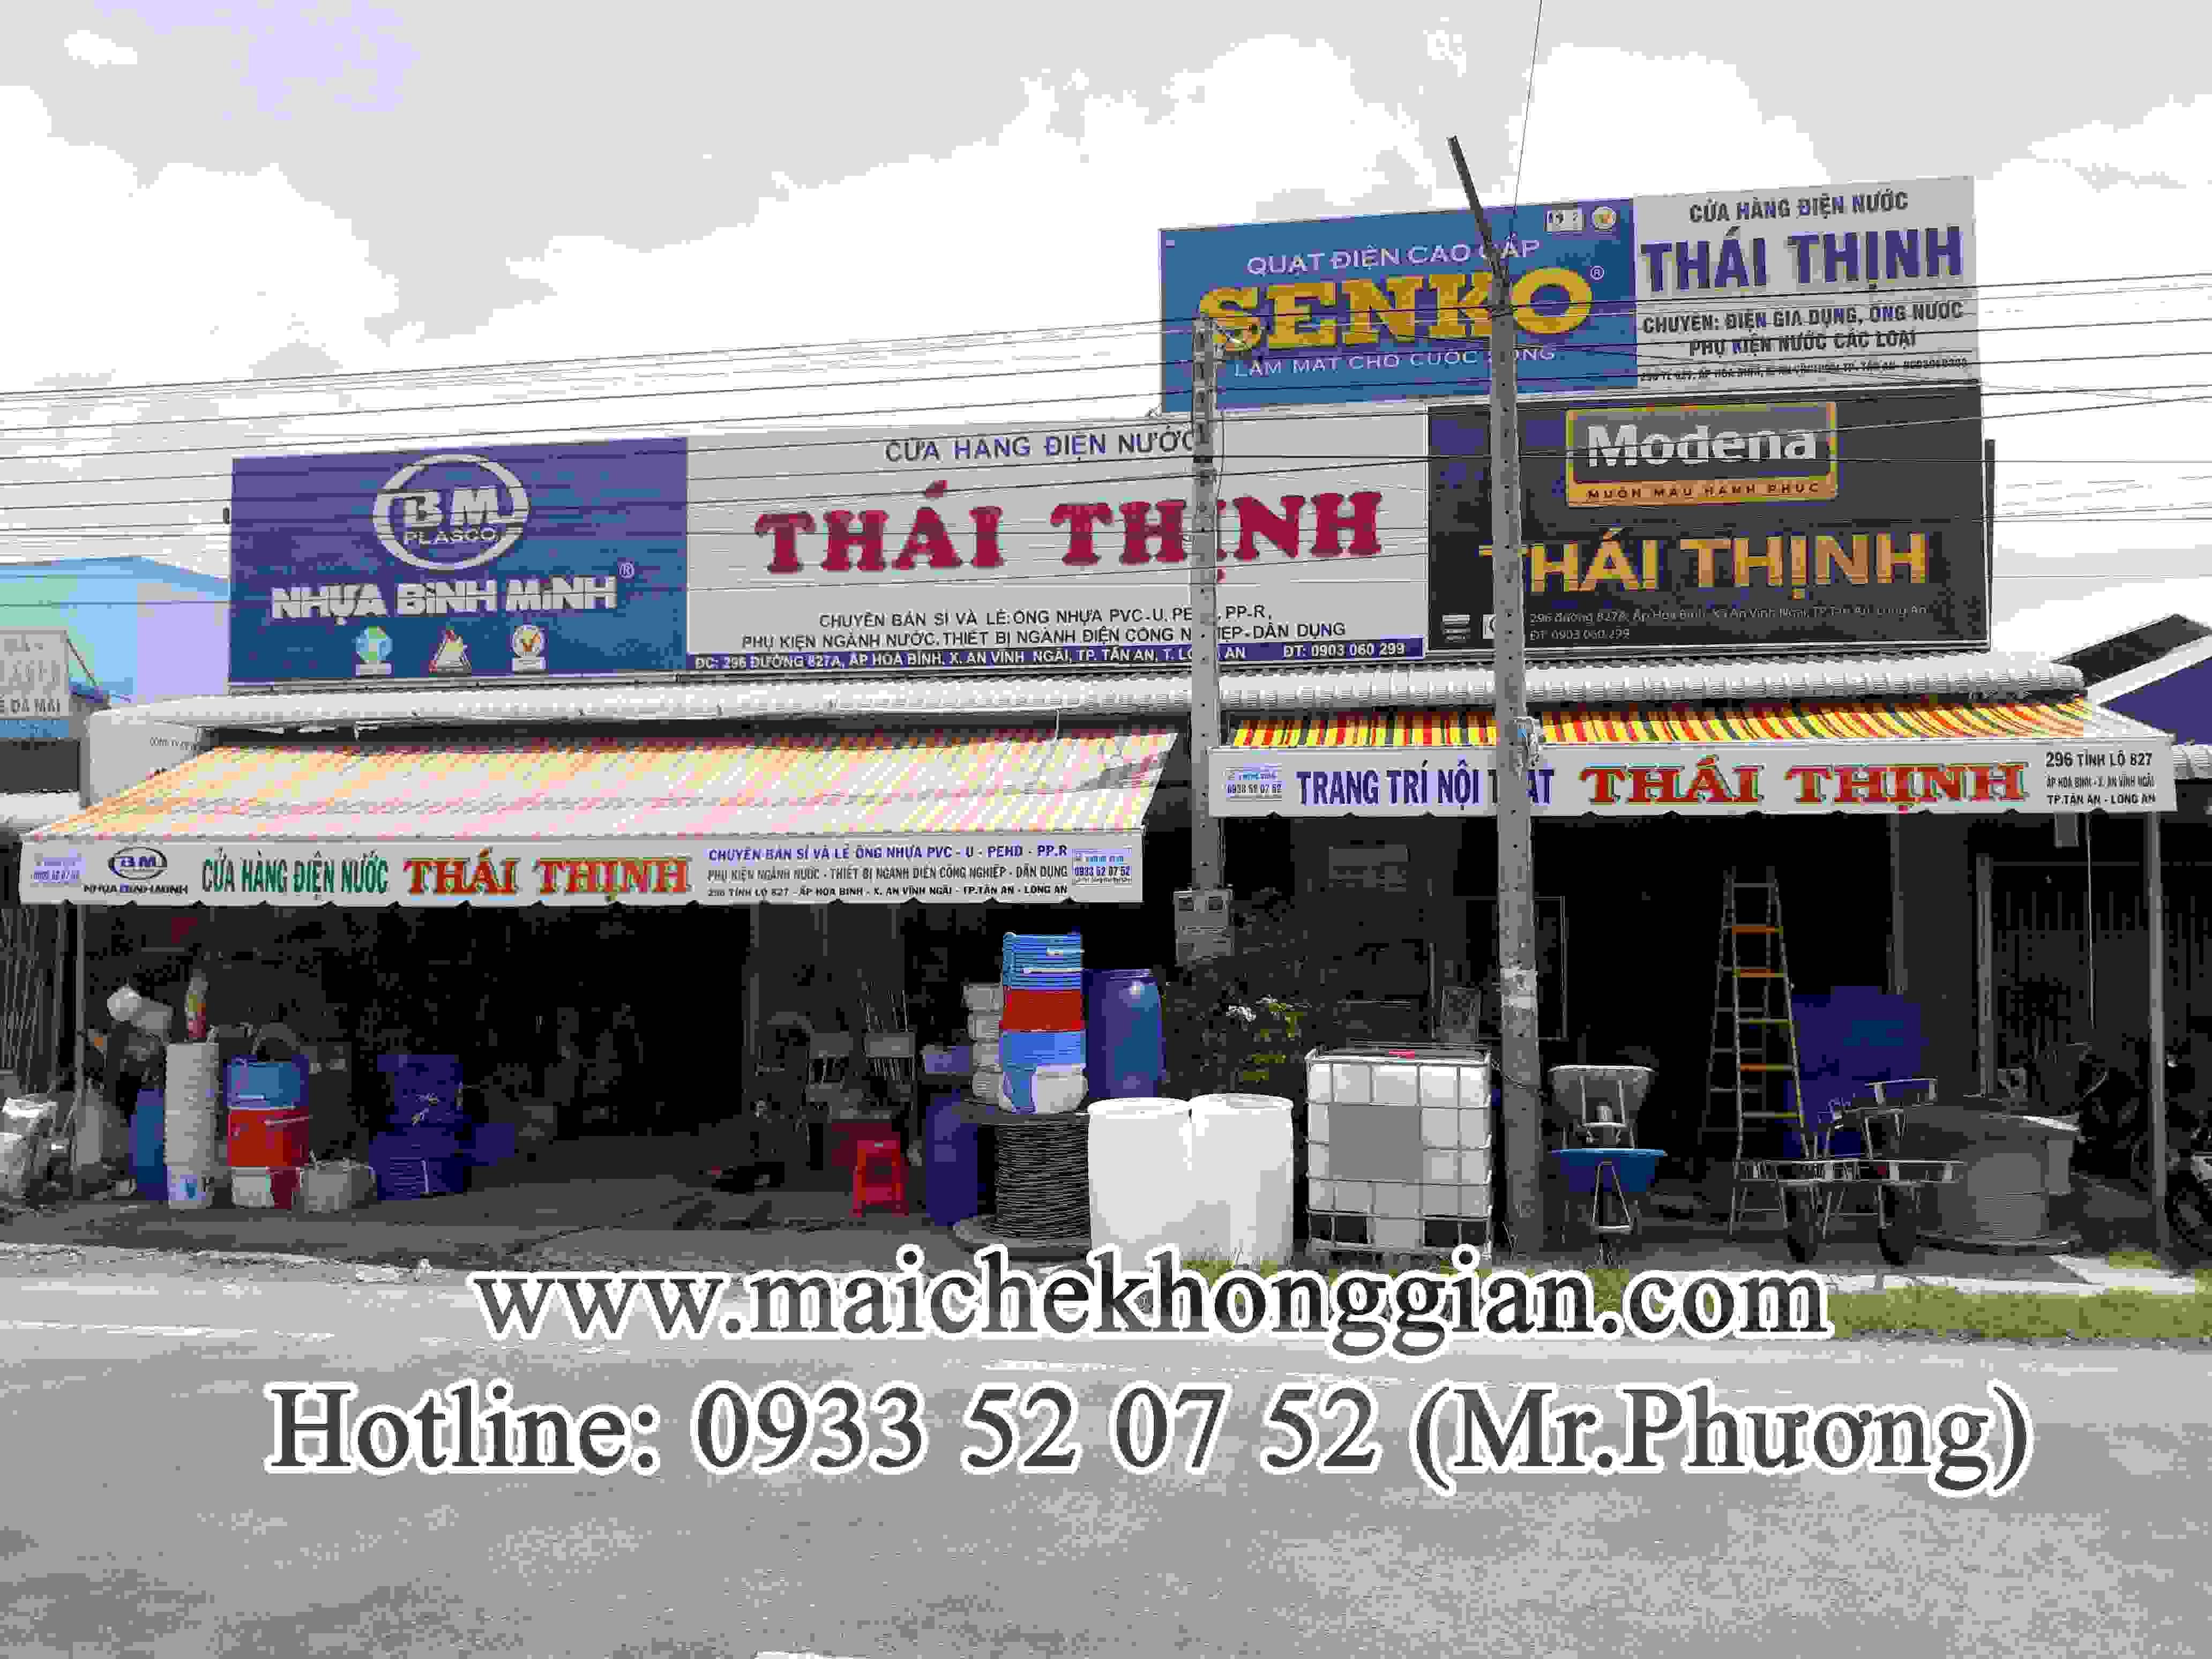 Mái Hiên Quảng Cáo Cửa Hàng Huyện Phụng Hiệp Hậu Giang